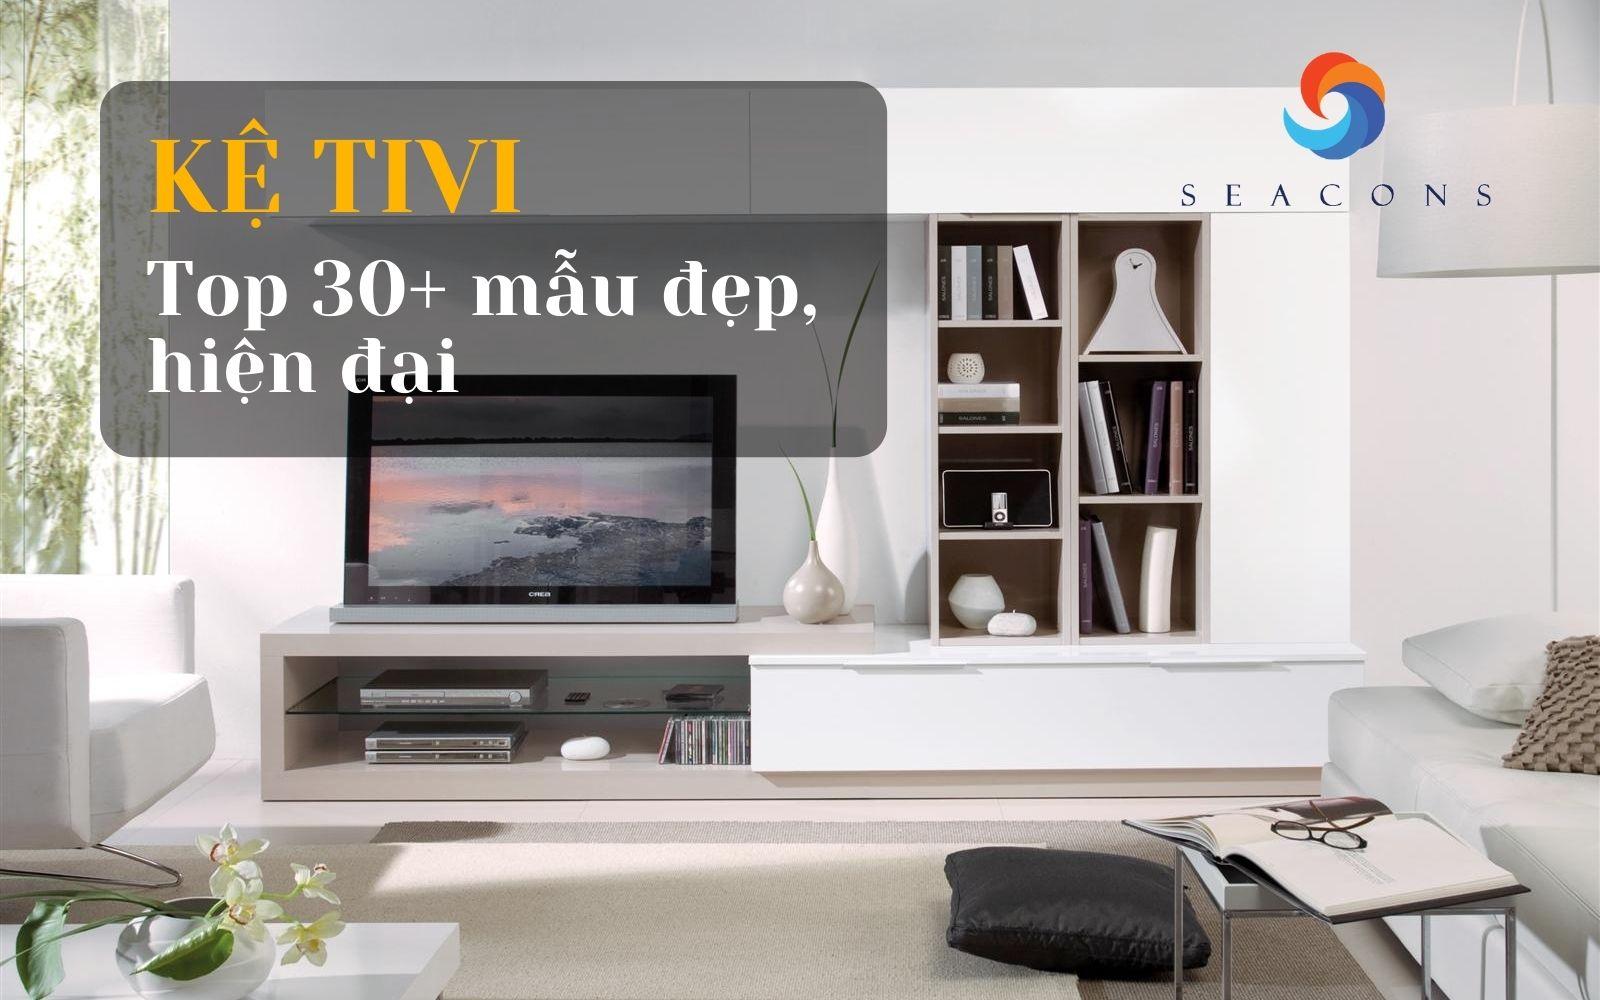 [2021] Top 30 Mẫu kệ tivi đẹp nhất cho căn nhà của bạn